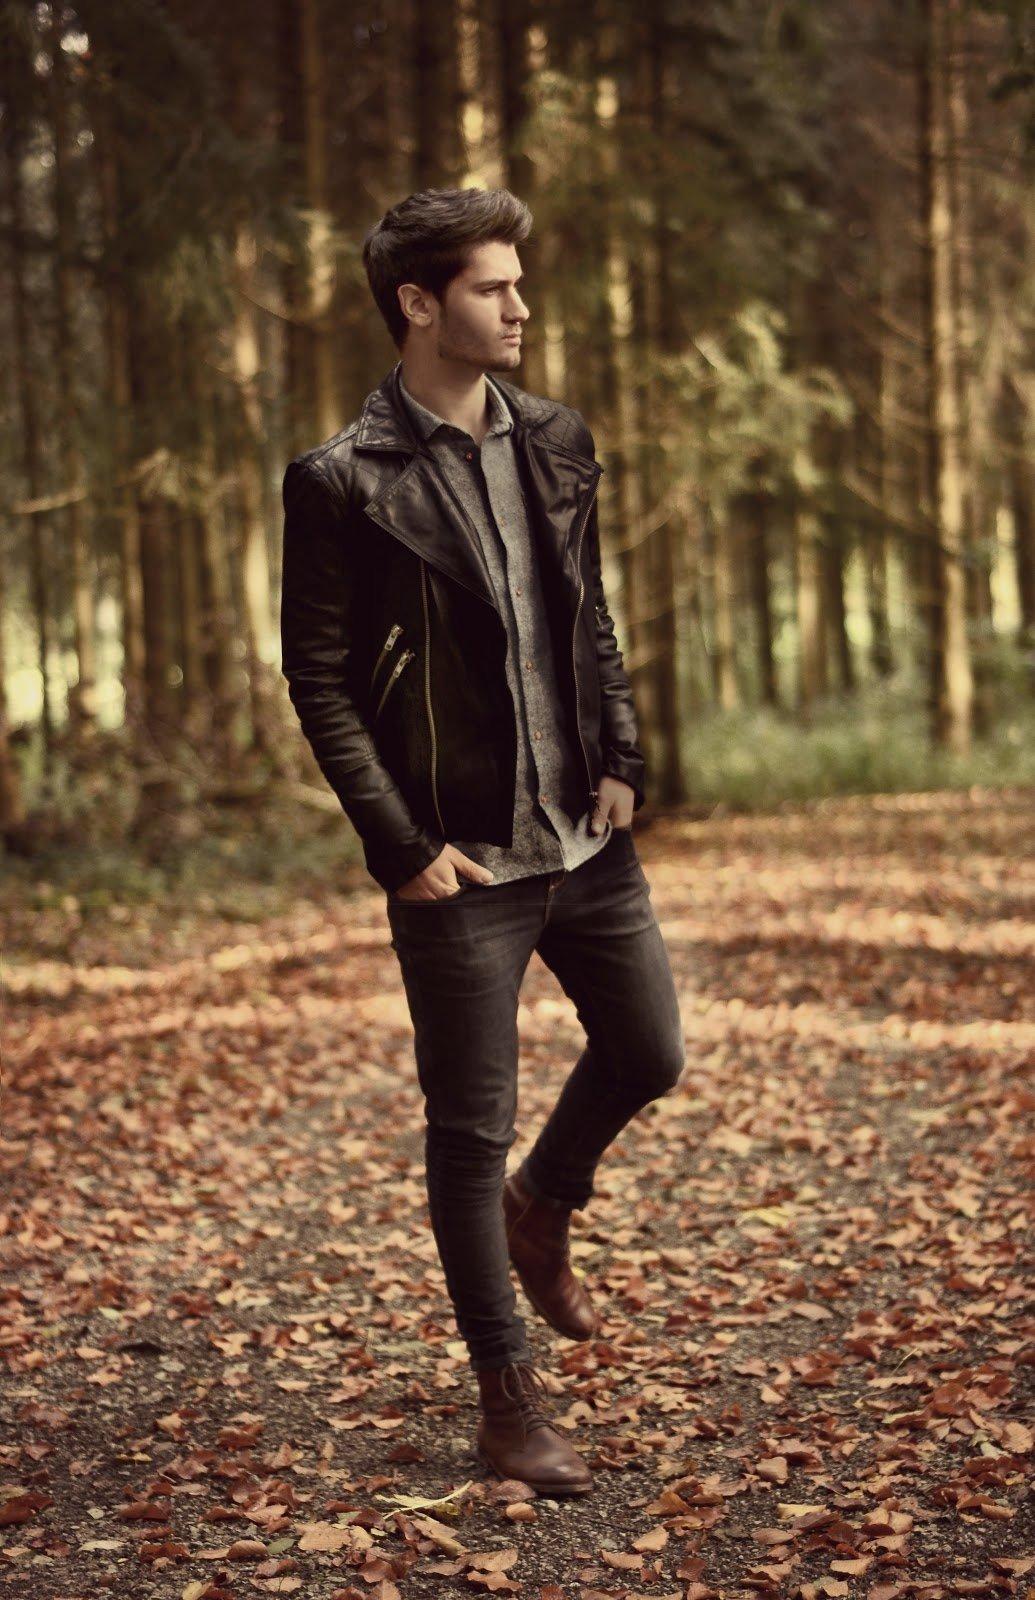 Мужская фотосессия в лесу